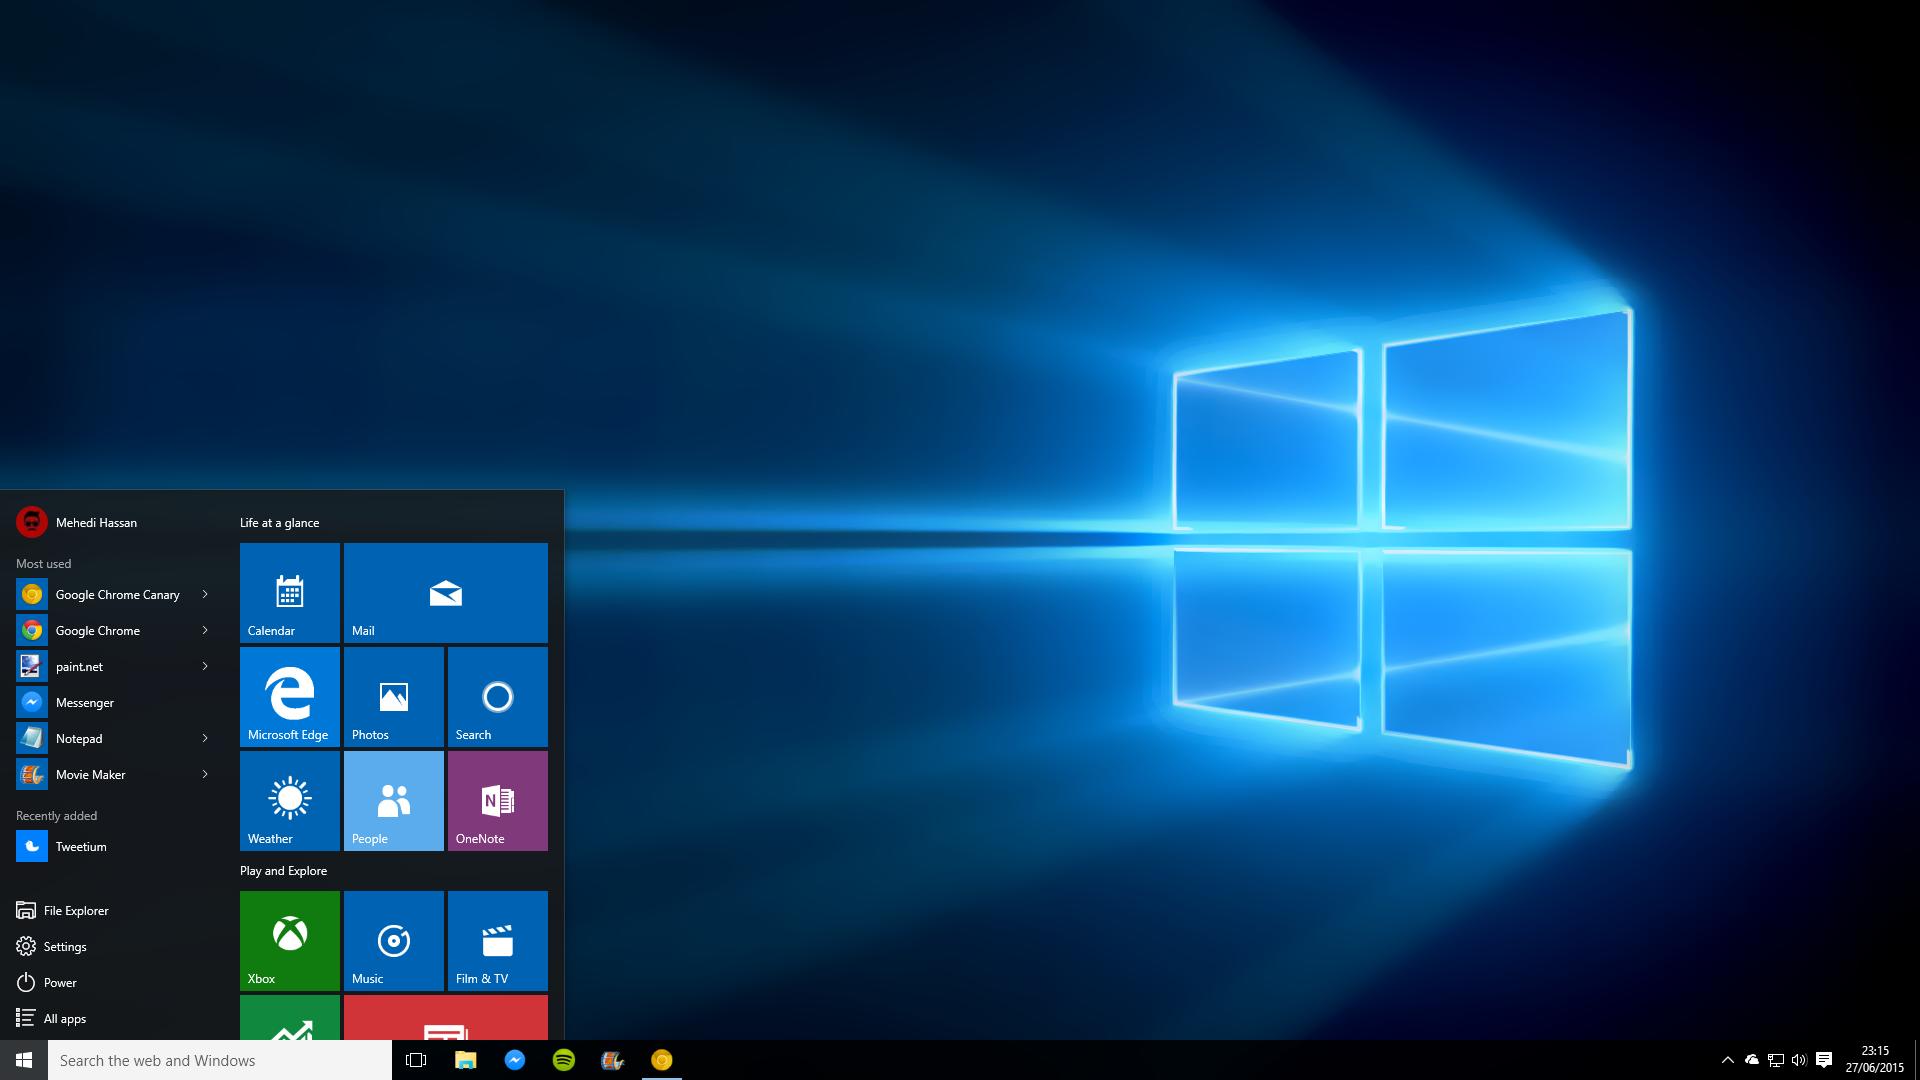 High Resolution Wallpaper | Windows 10 1920x1080 px